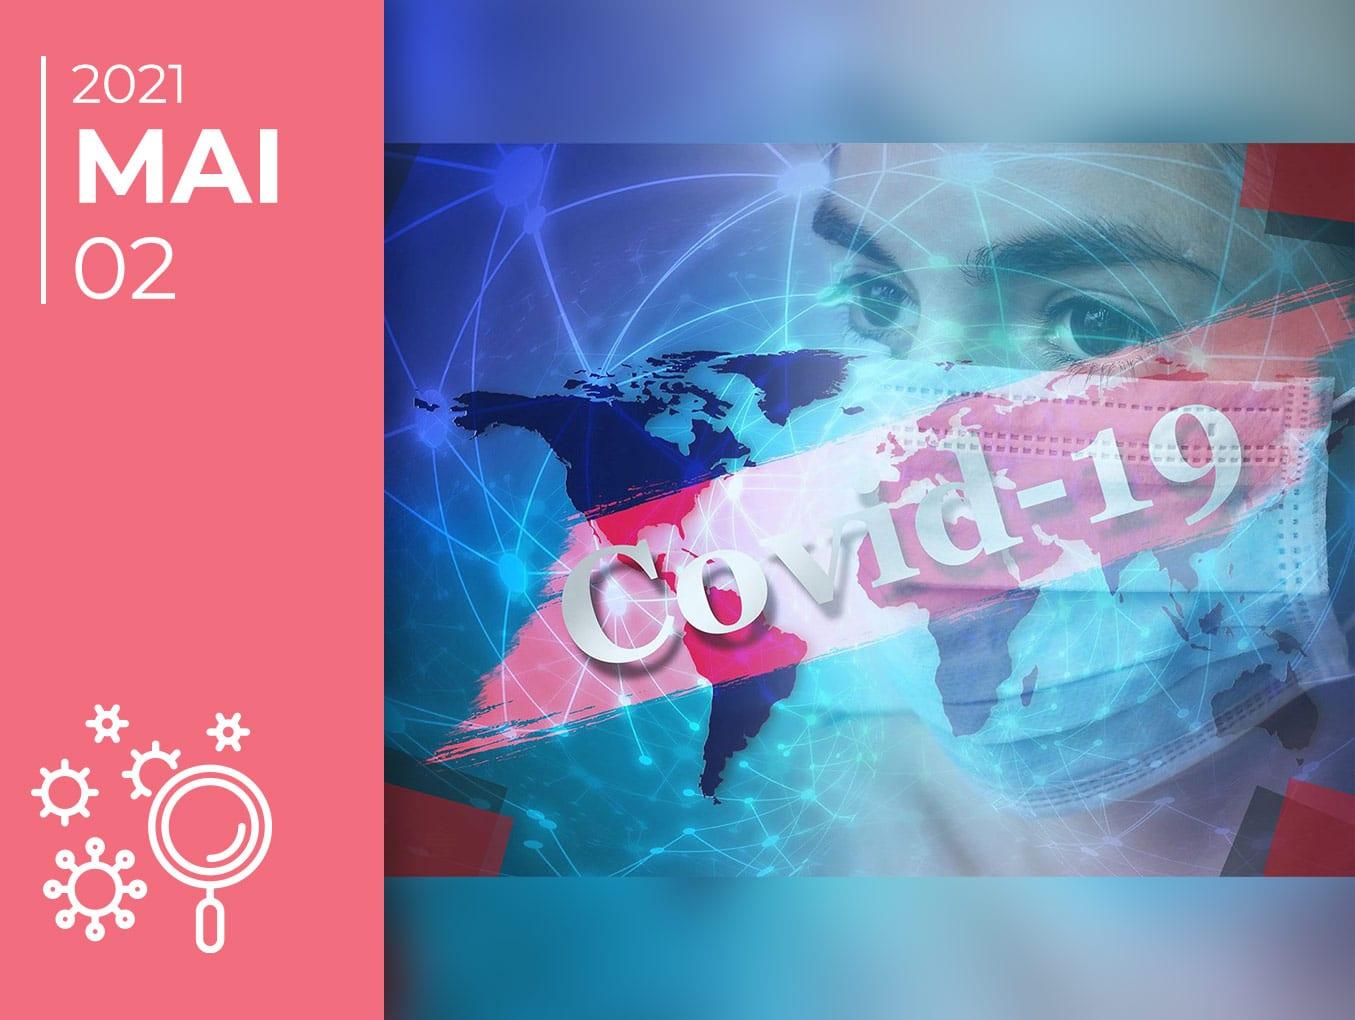 Covid-19 pelo mundo afora: 02-05-21